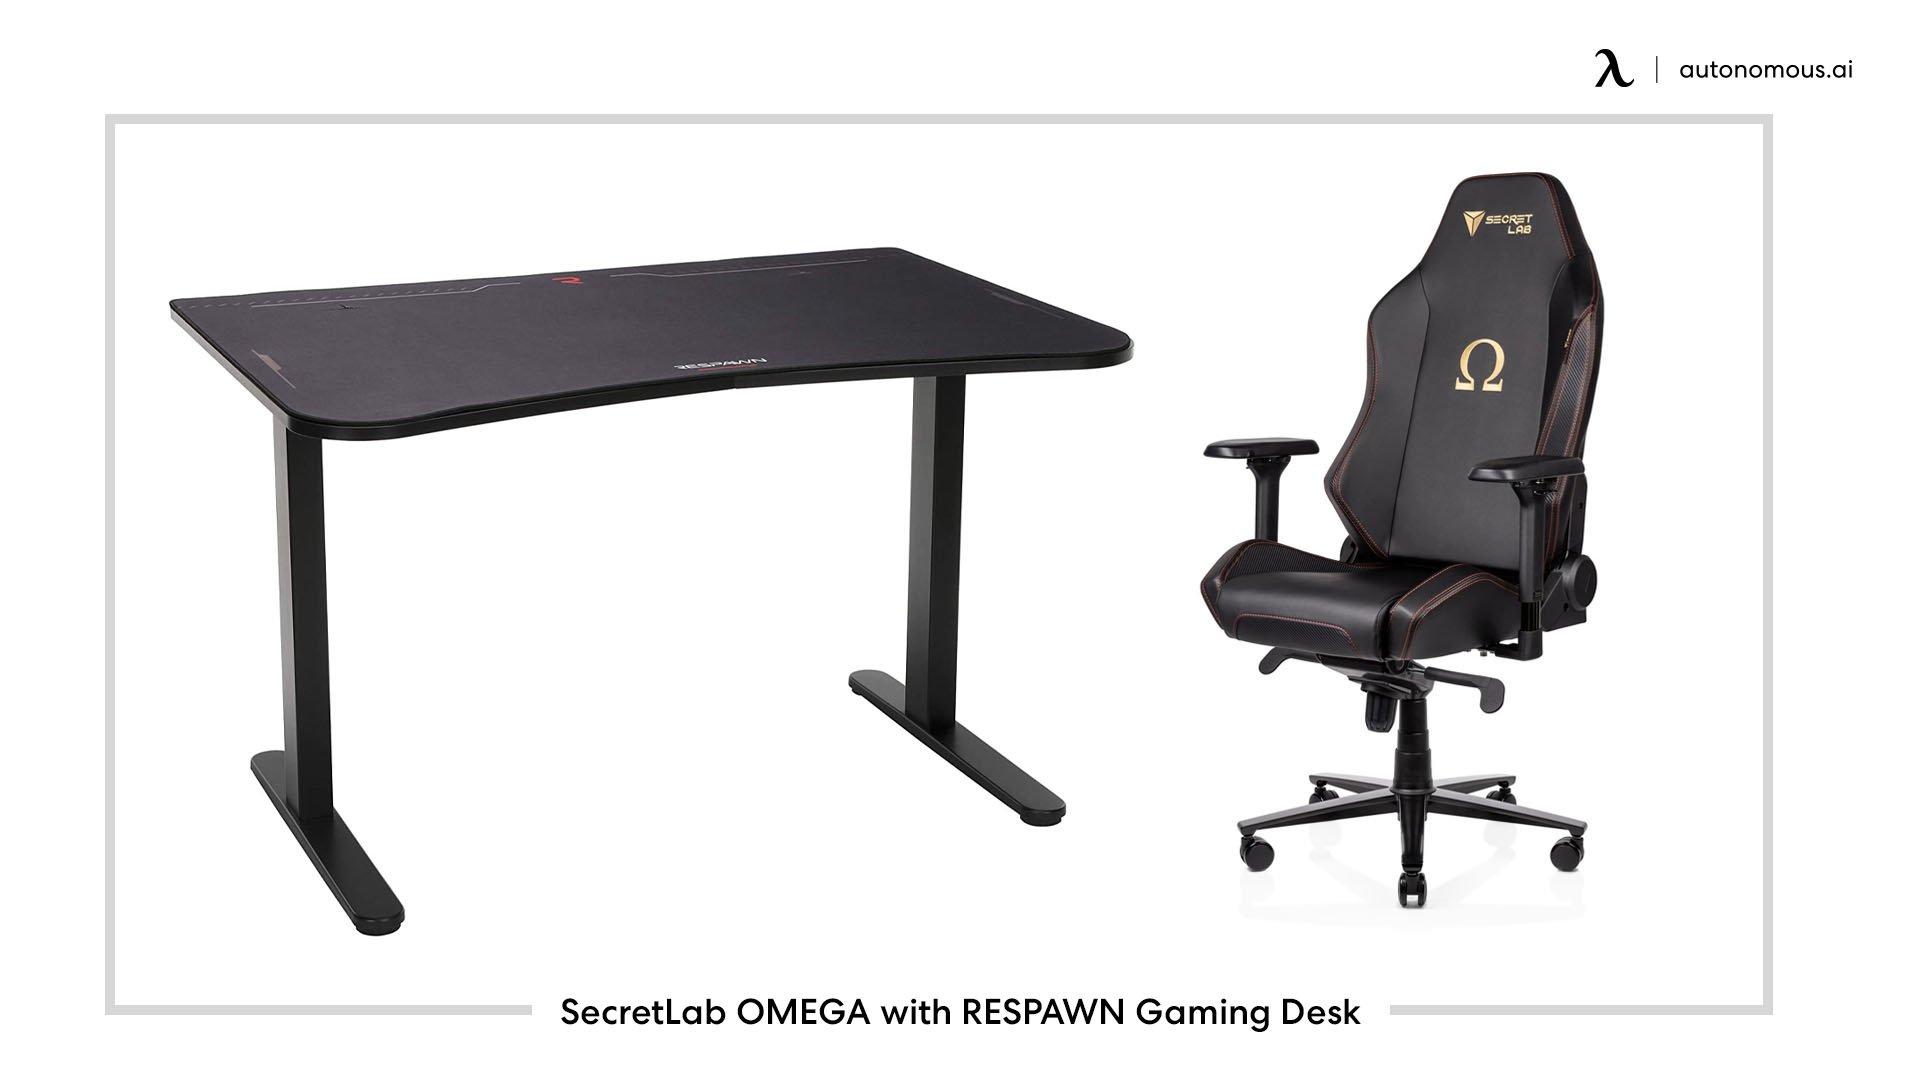 SecretLab OMEGA with RESPAWN Gaming Desk